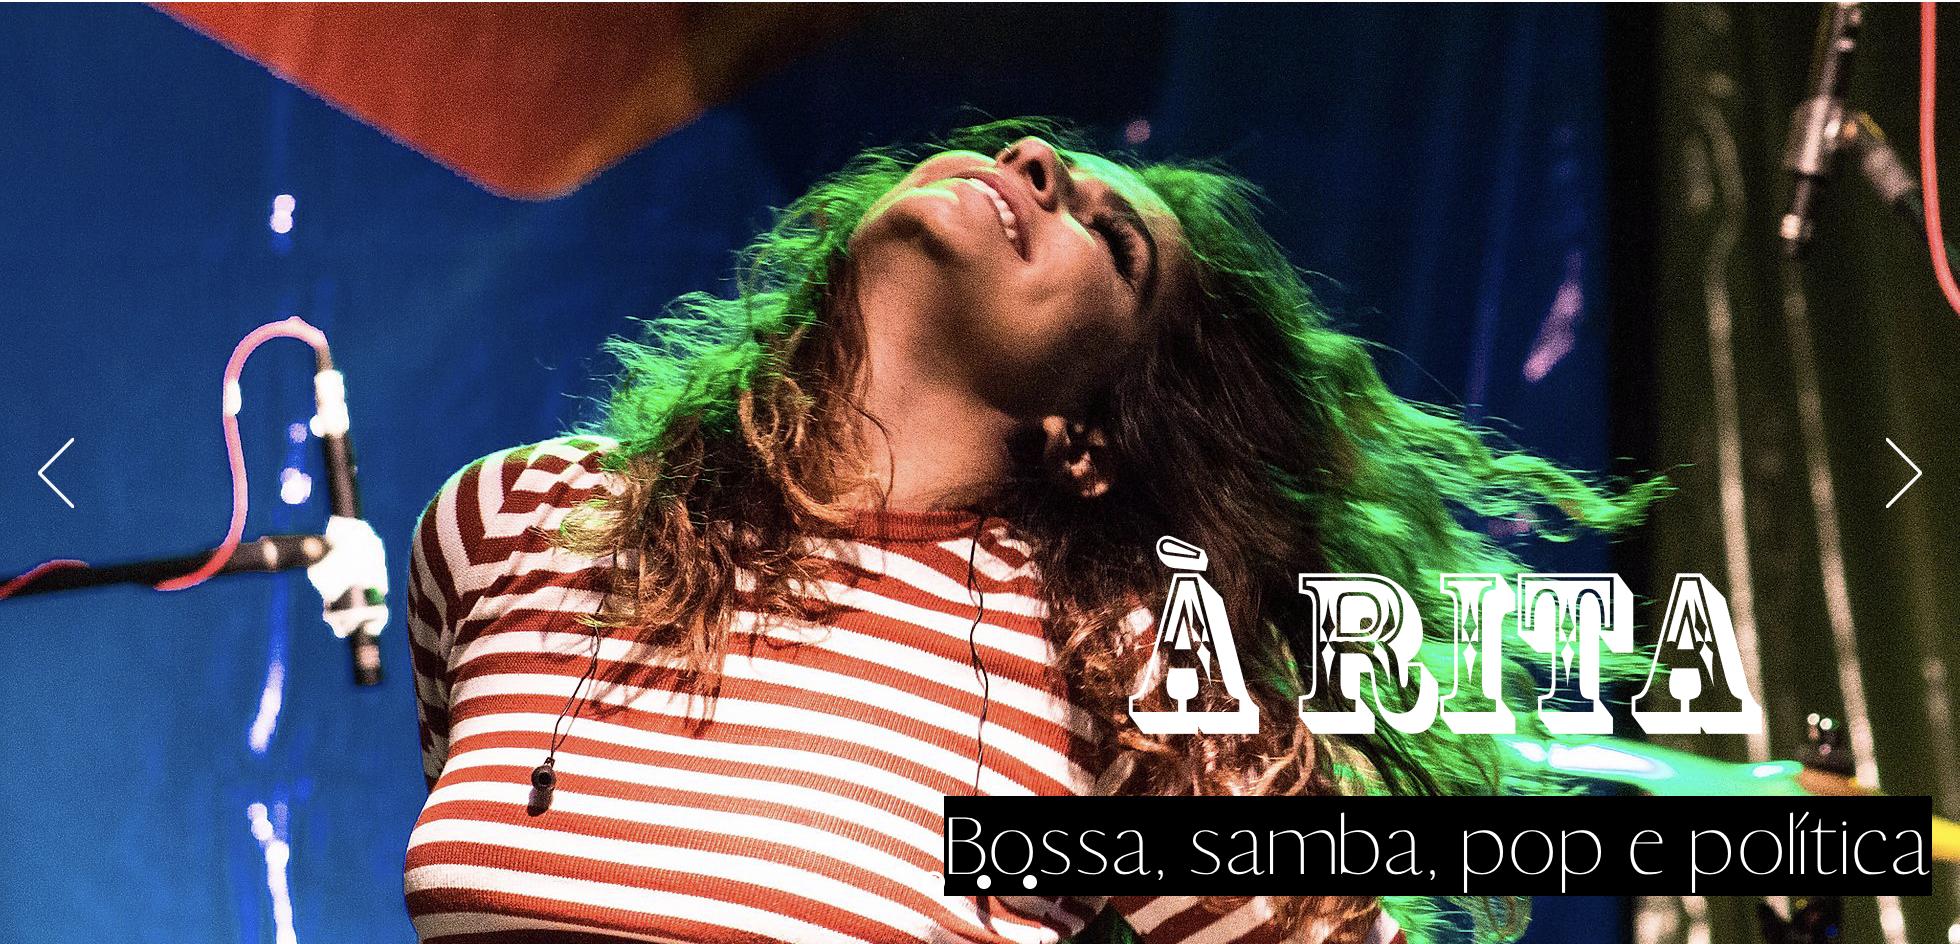 Grupo de São João del-Rei faz sucesso com repertório que transita do samba, da bossa, do pop rock e com atitude política